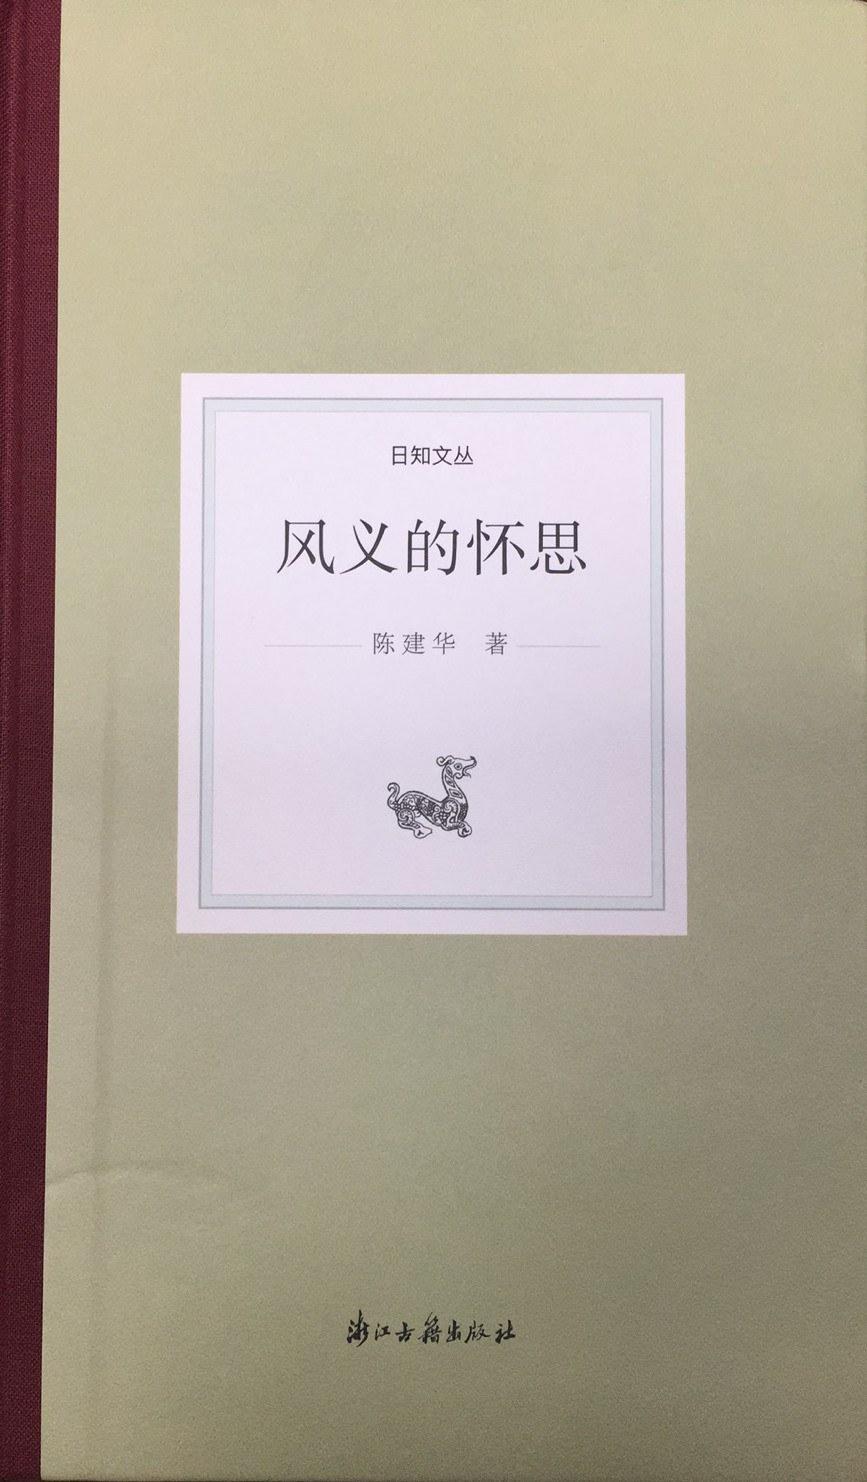 《风义的怀思》,陈建华著,浙江古籍出版社2020年9月版,160页,30.00元